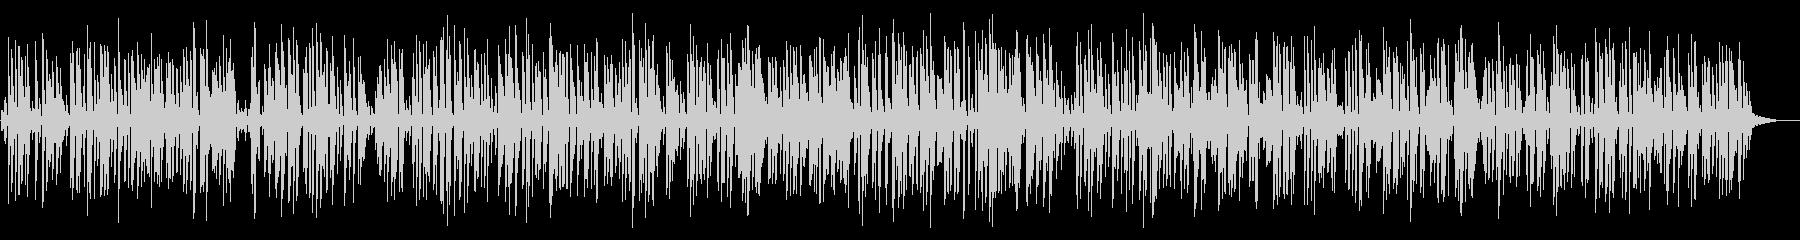 アダルトで大人なジャズバーのピアノの未再生の波形